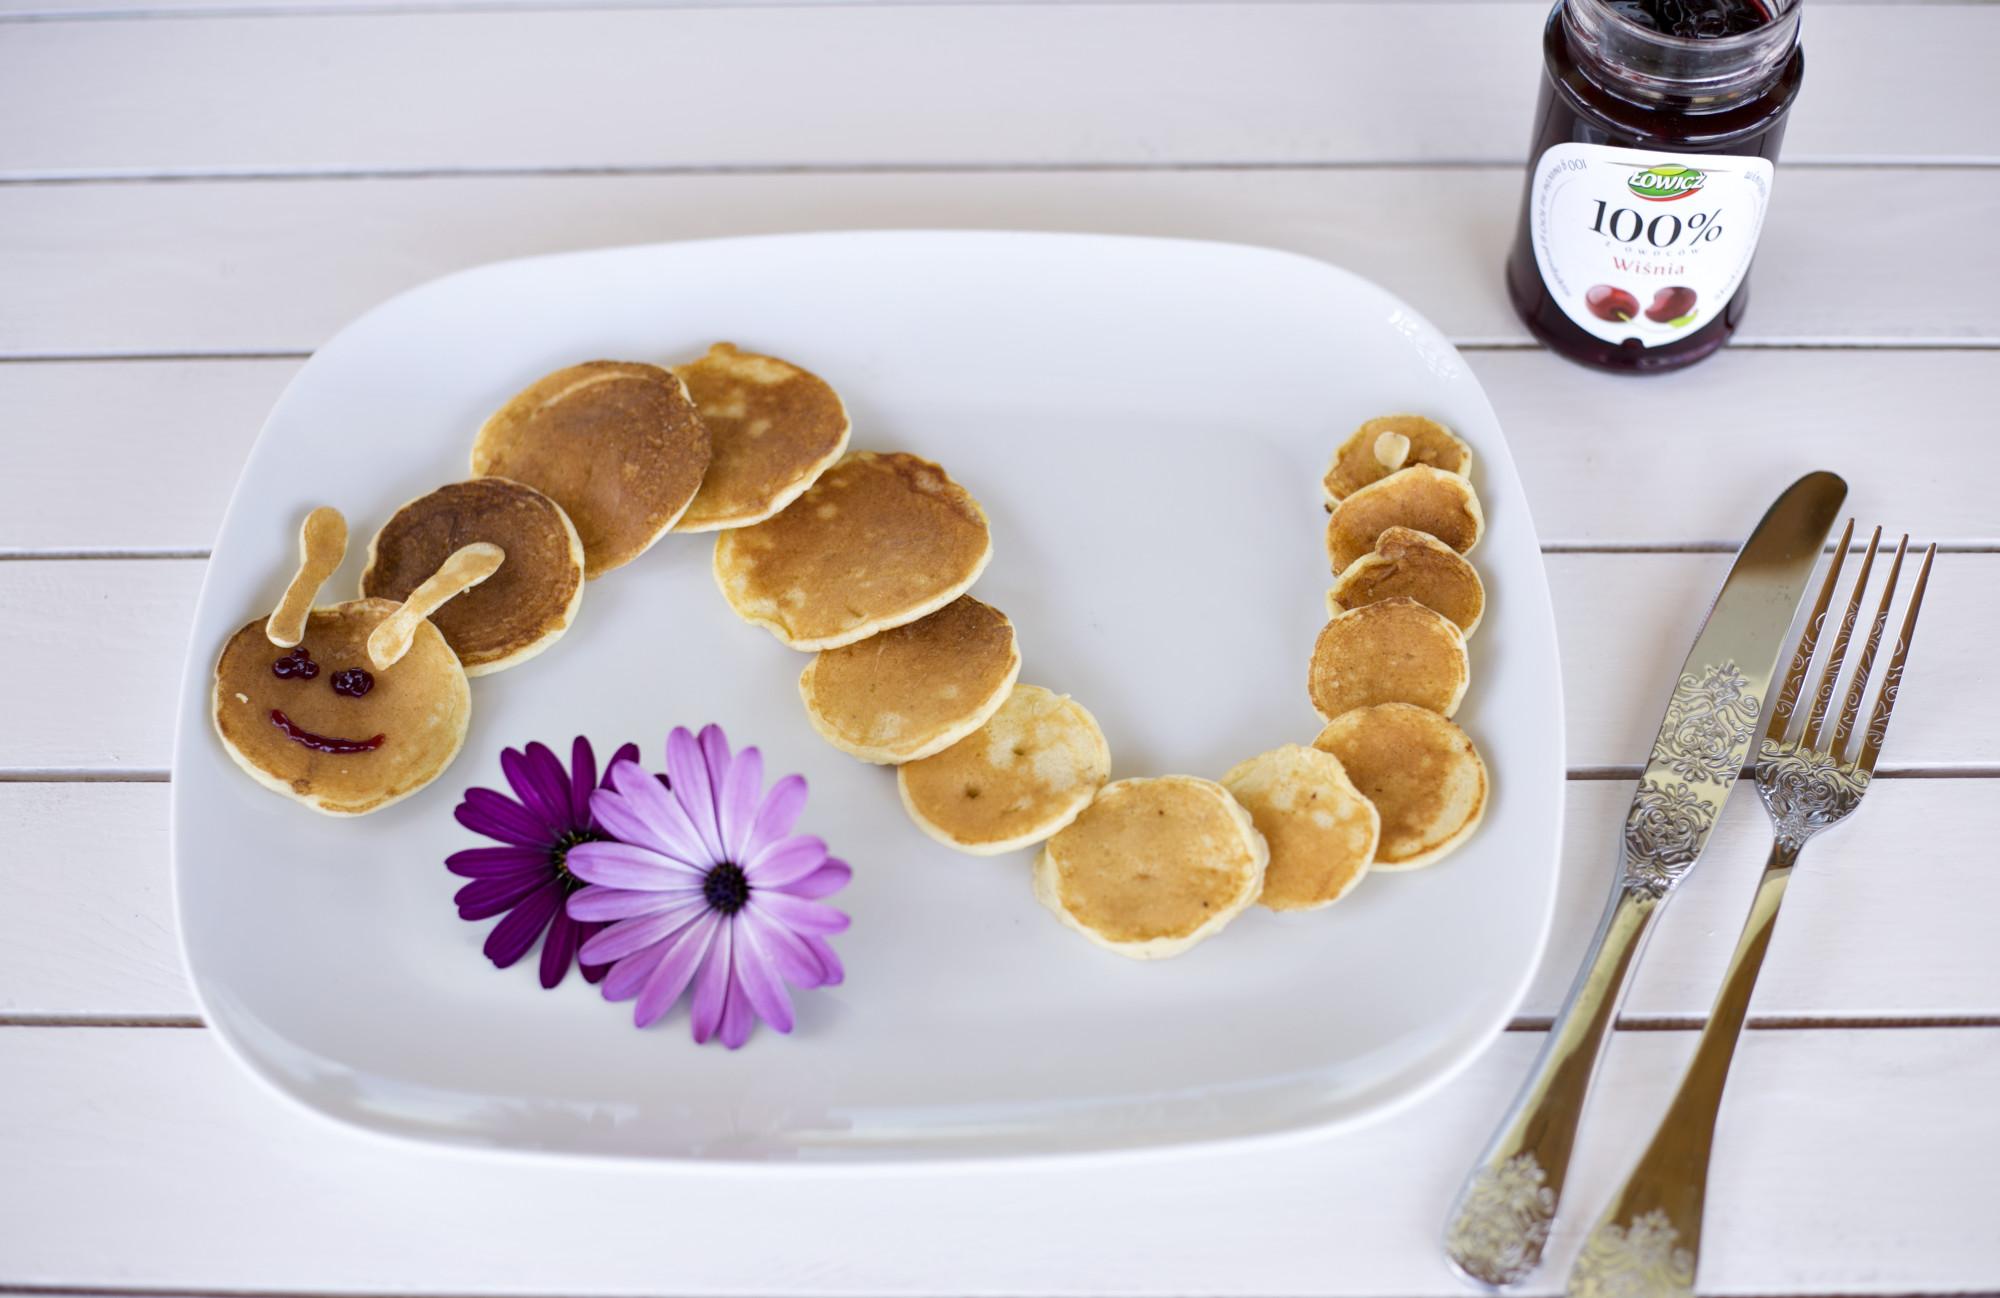 pancakes shapes, łowicz 100% z owoców wiśnia